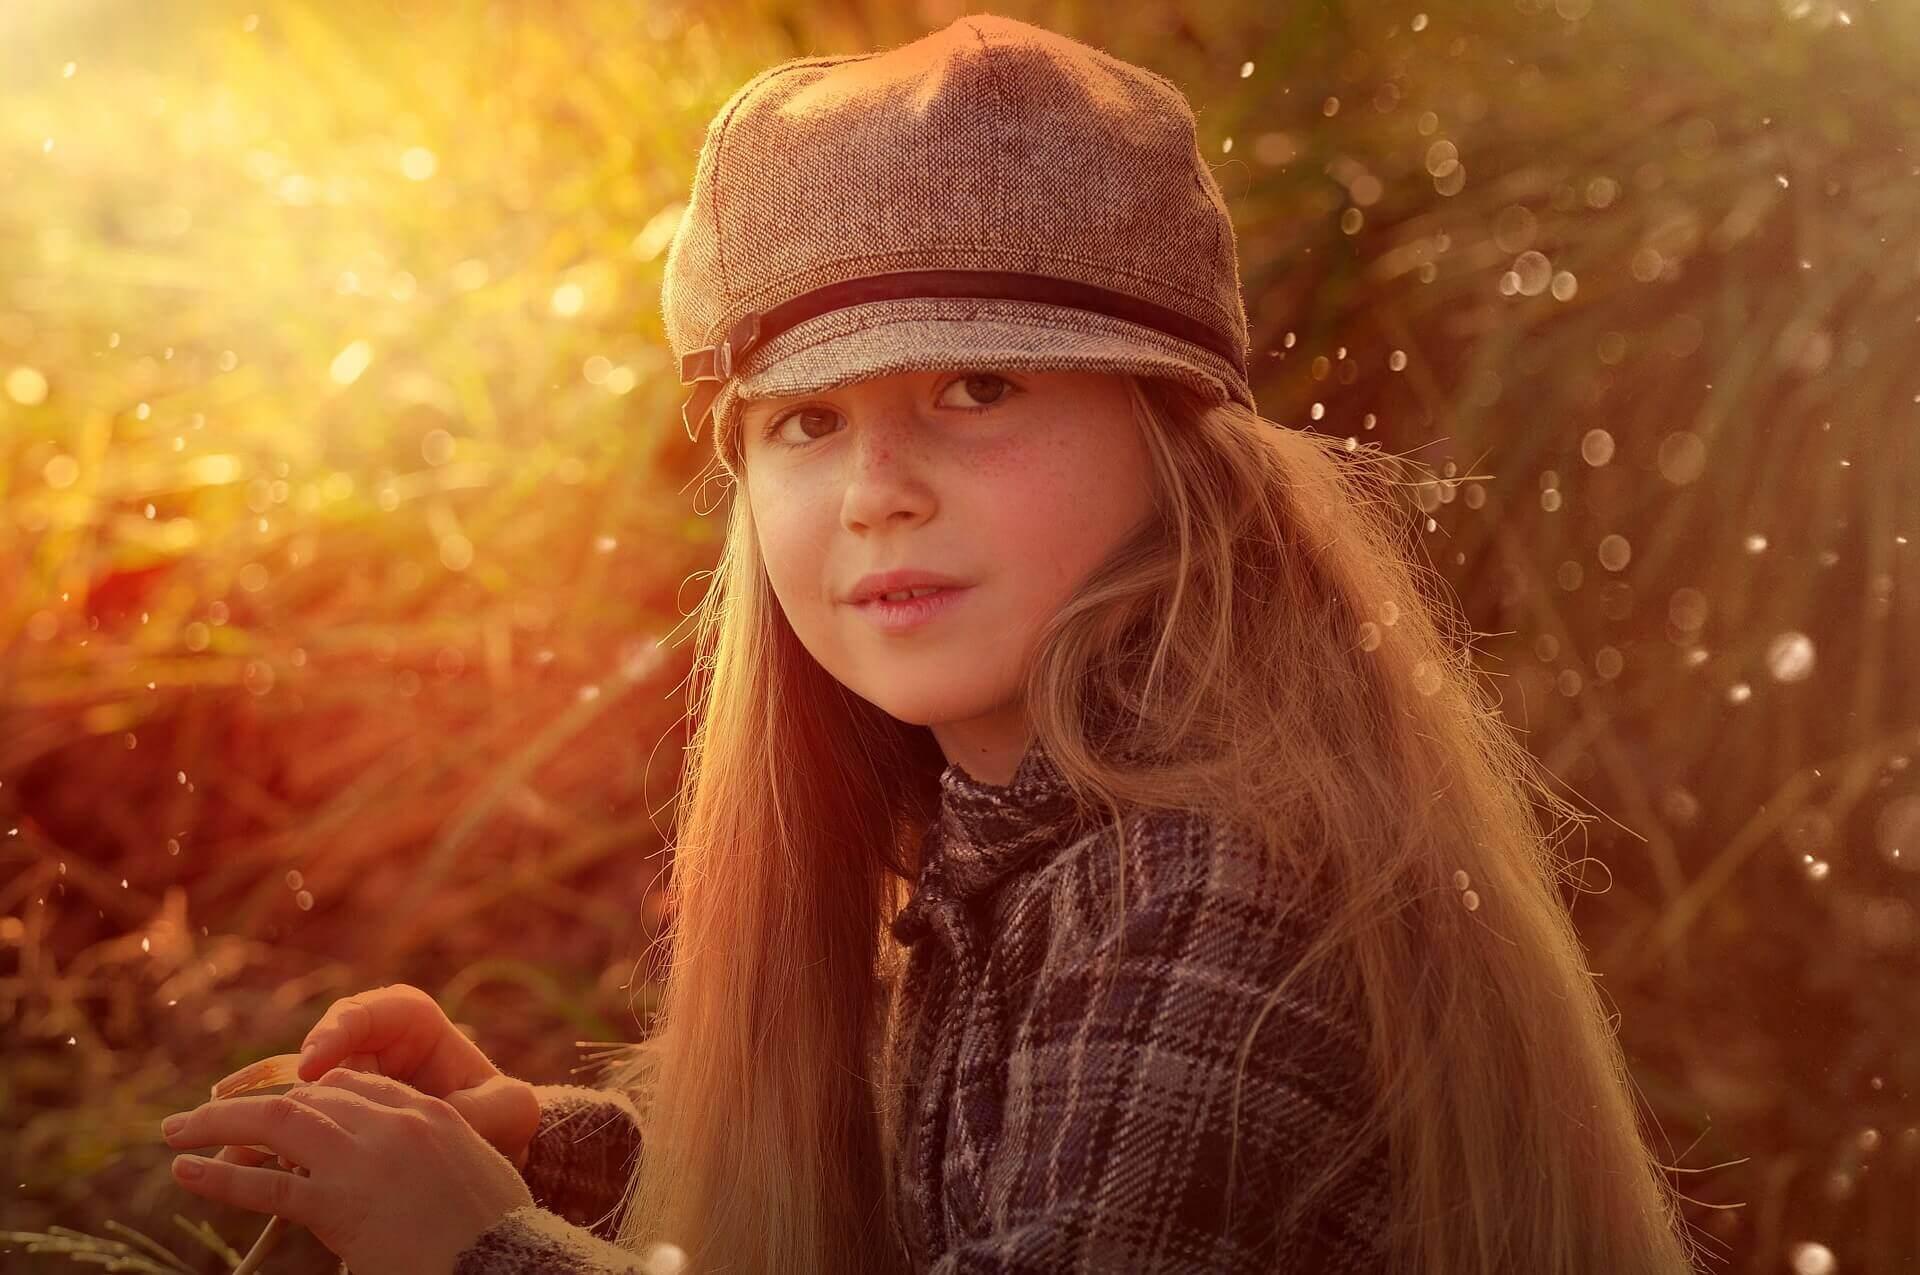 Une petite fille aux cheveux longs avec un béret